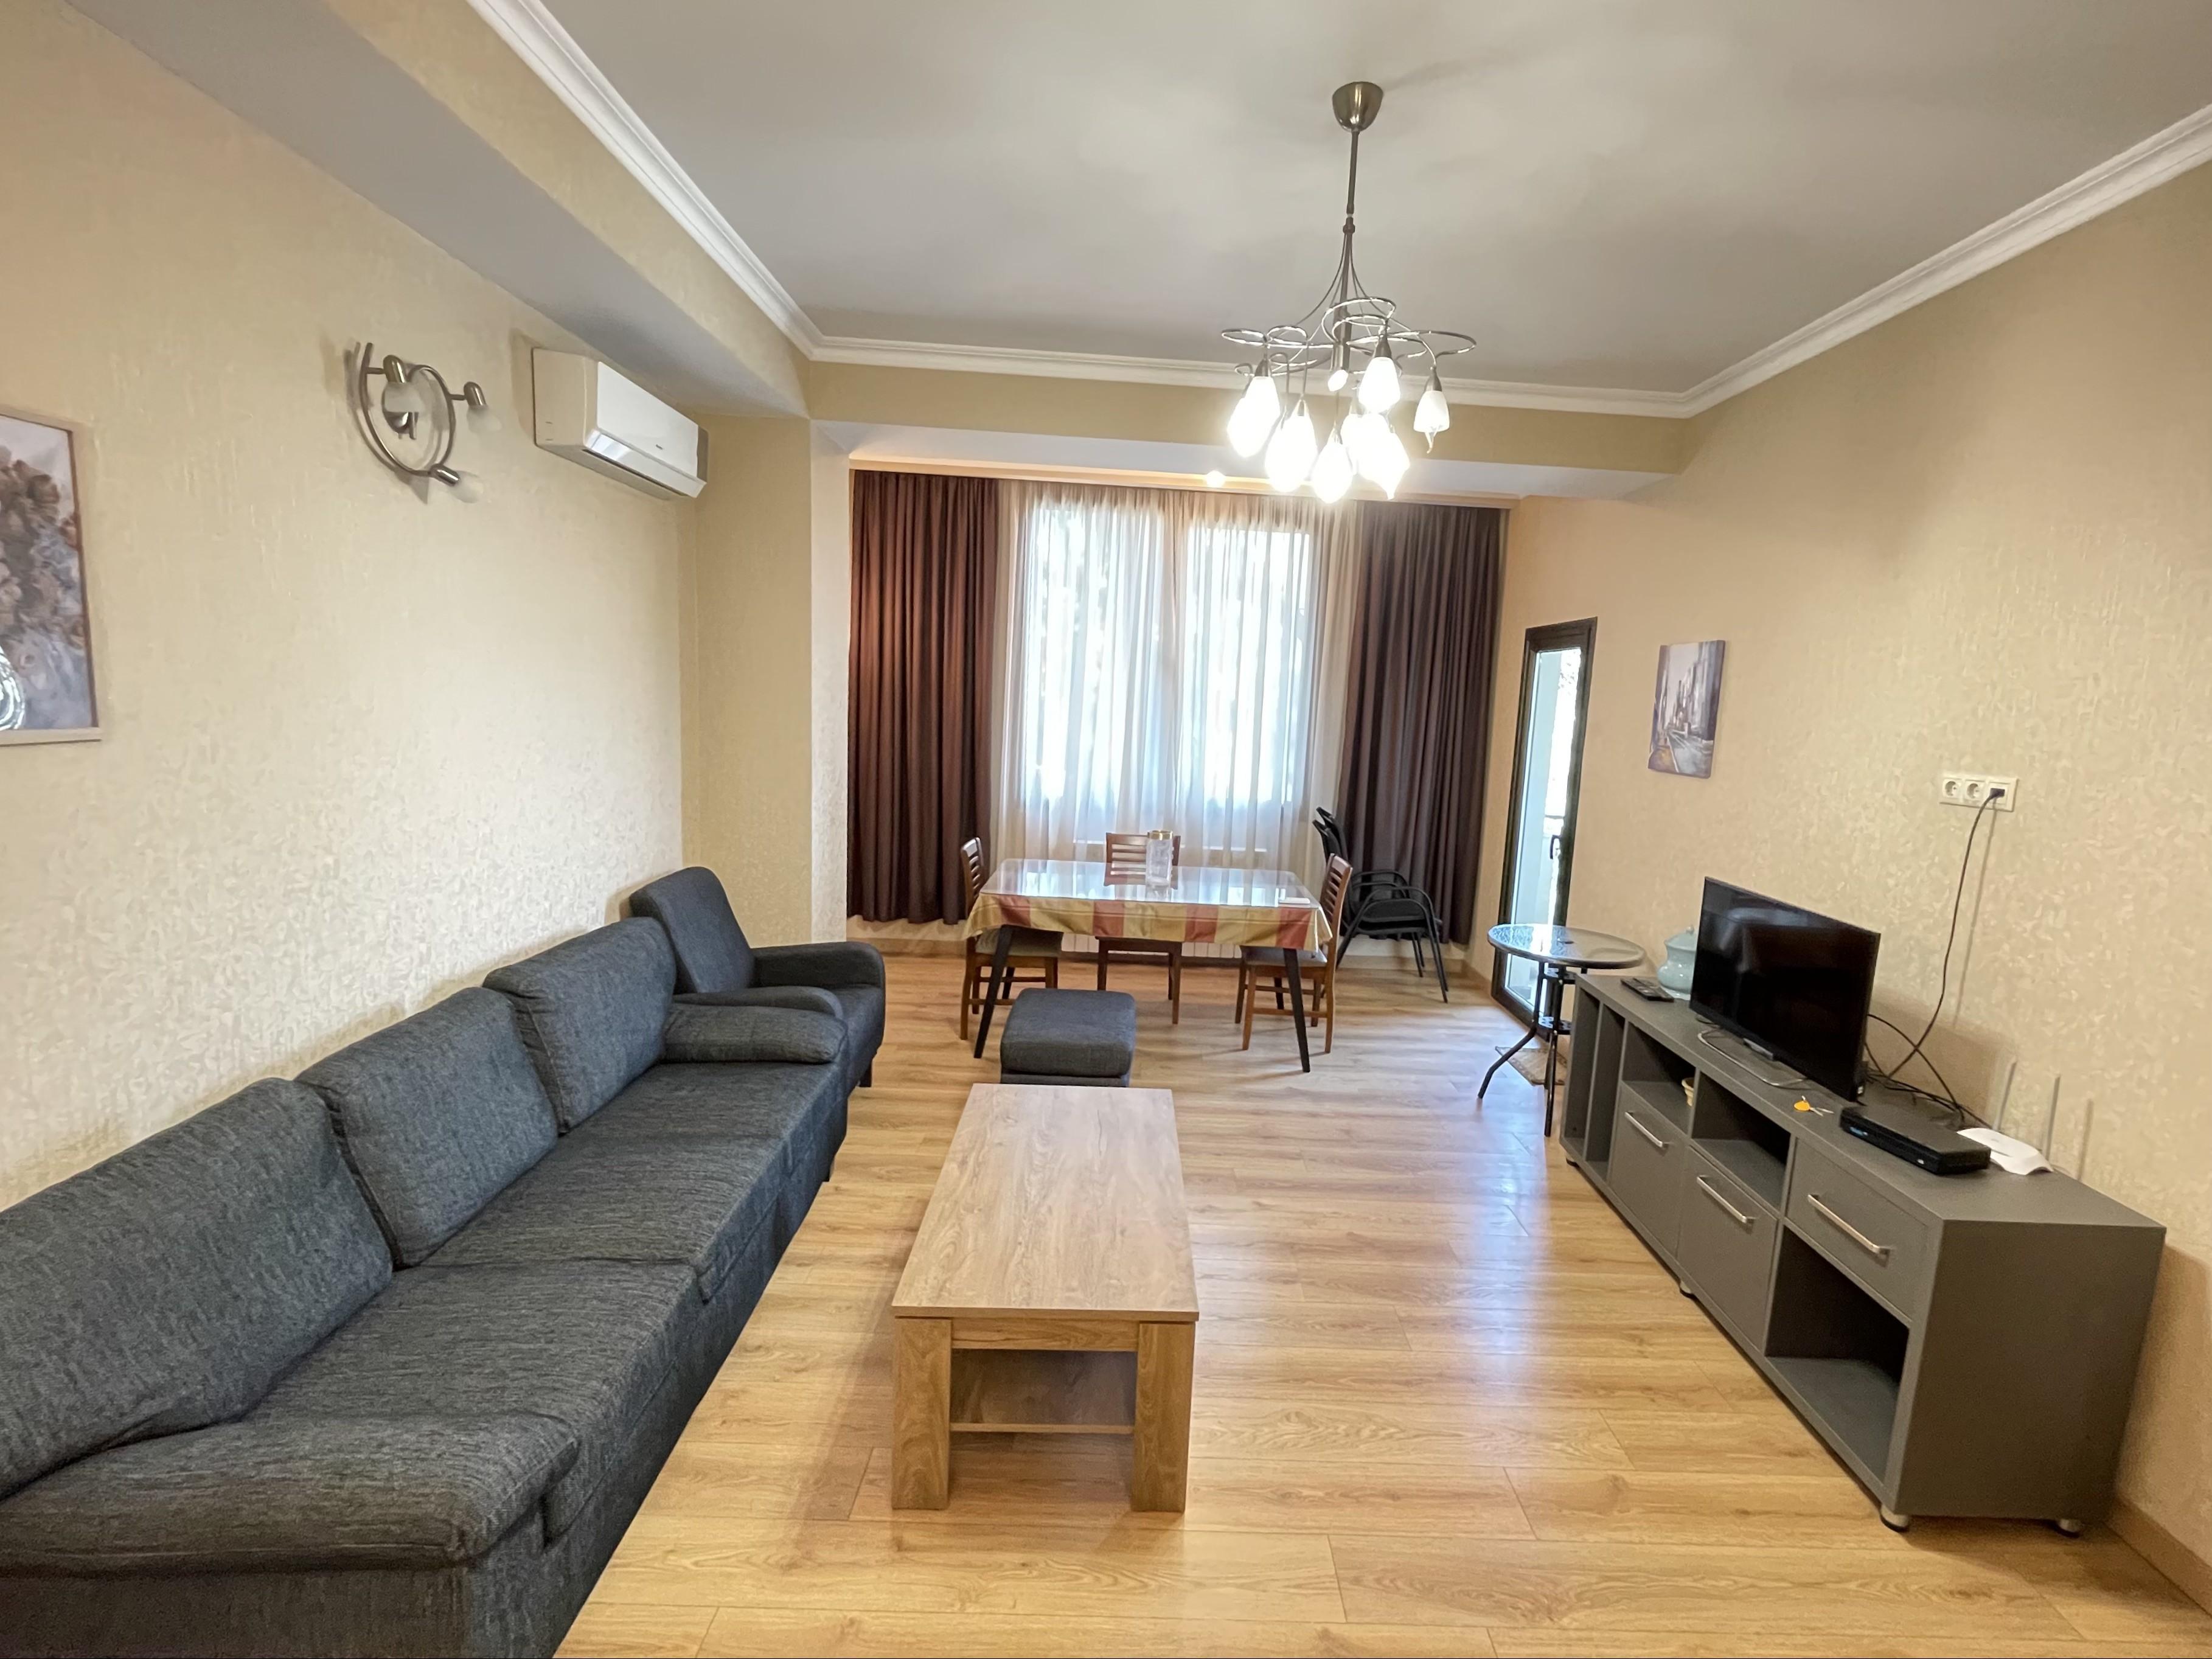 2-Room Apartment For Rent on Vera, on Tarkhnishvili Street